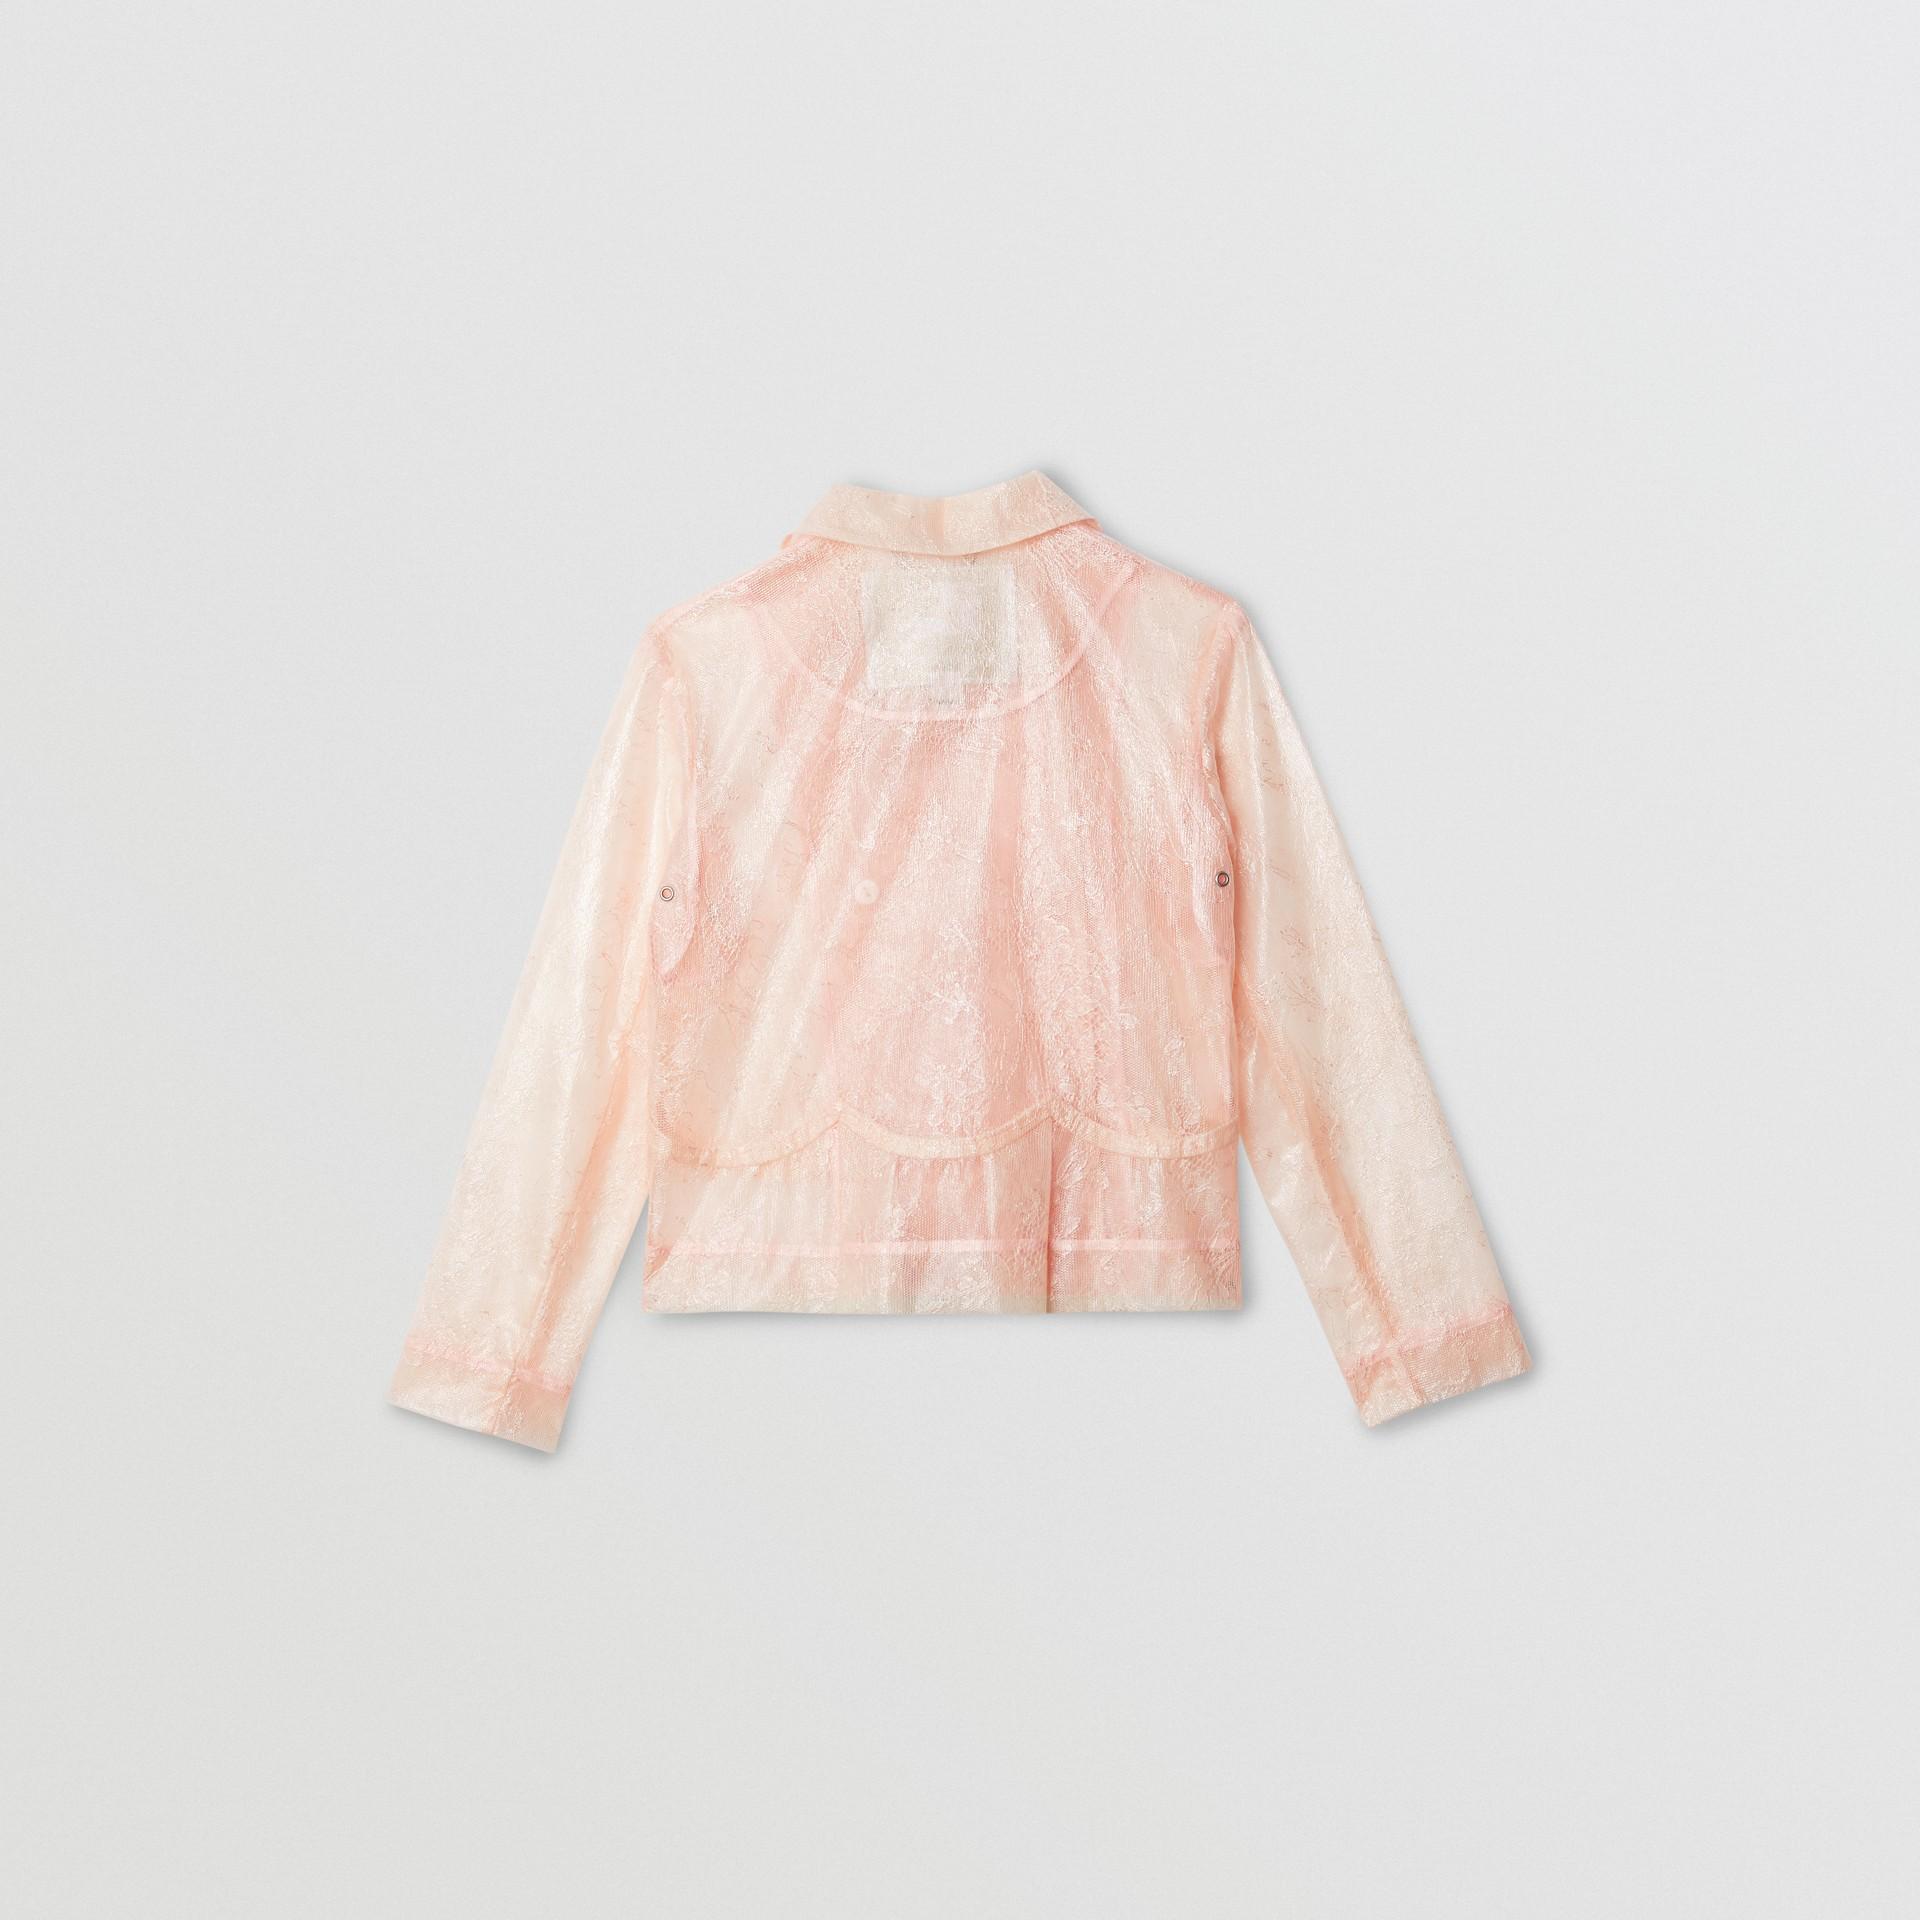 Куртка из ламинированного кружева (Бледно-розовый) | Burberry - изображение 3